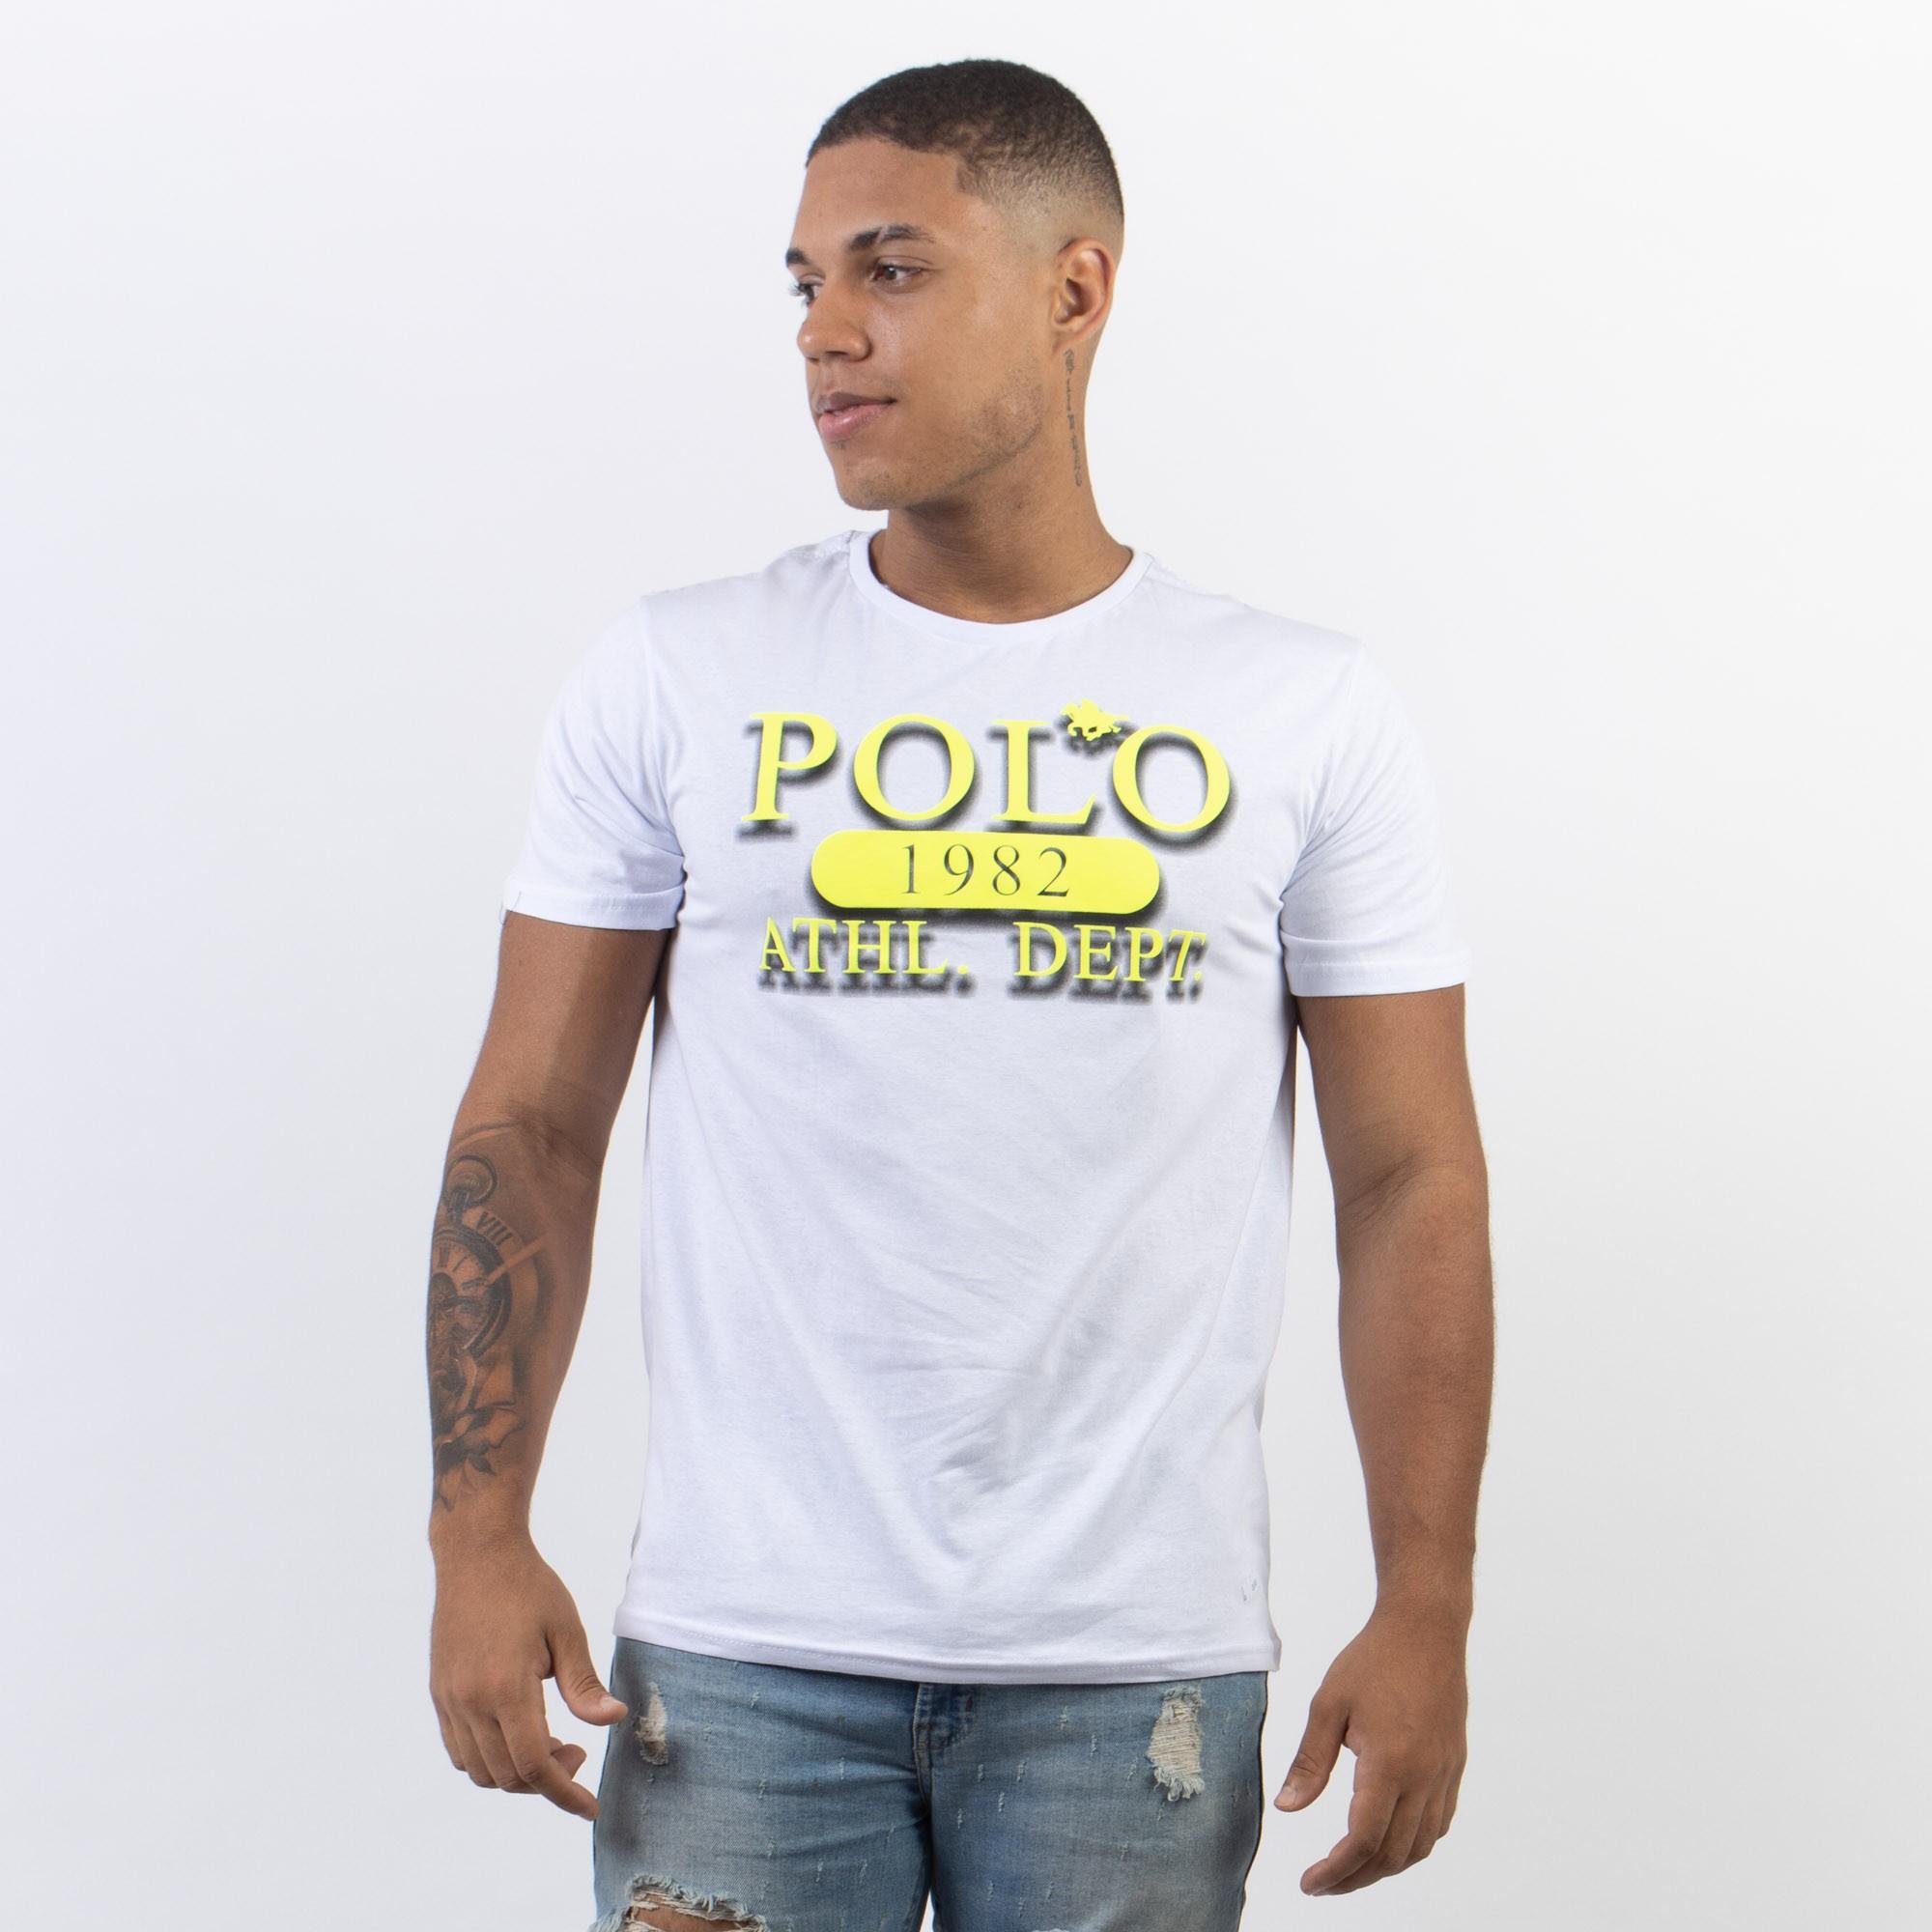 Camiseta RG 518 Polo Neon